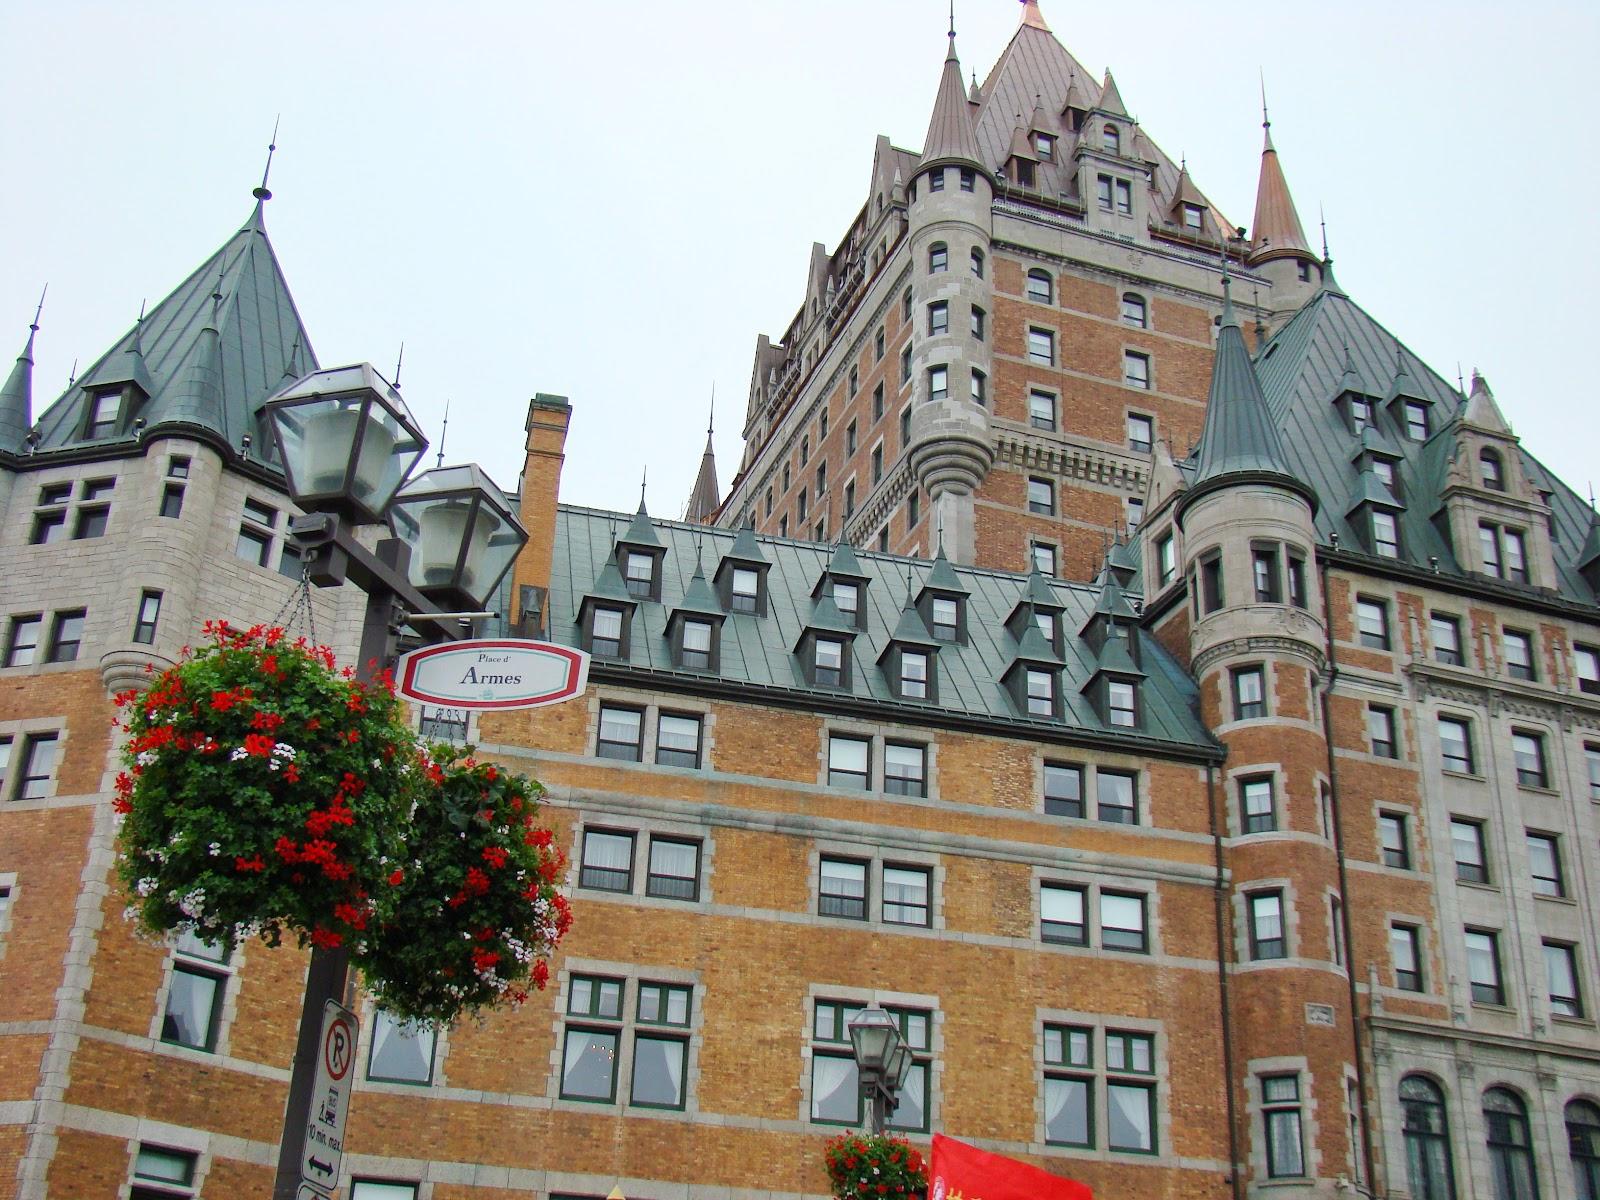 Шато-Фронтенак — отель в стиле средневекового французского замка (шато) является визитной карточкой города.